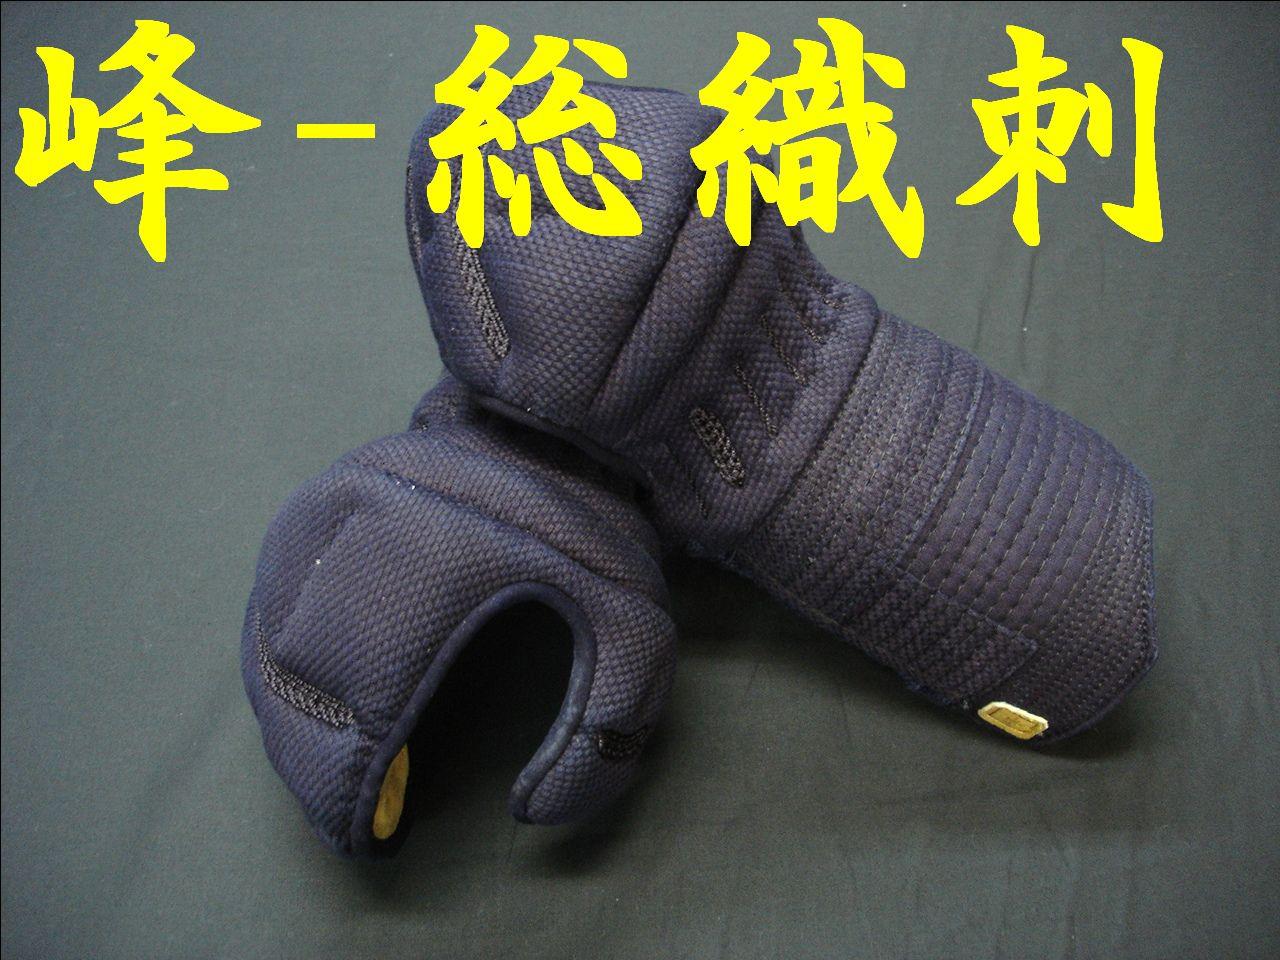 小手-峰総織刺01